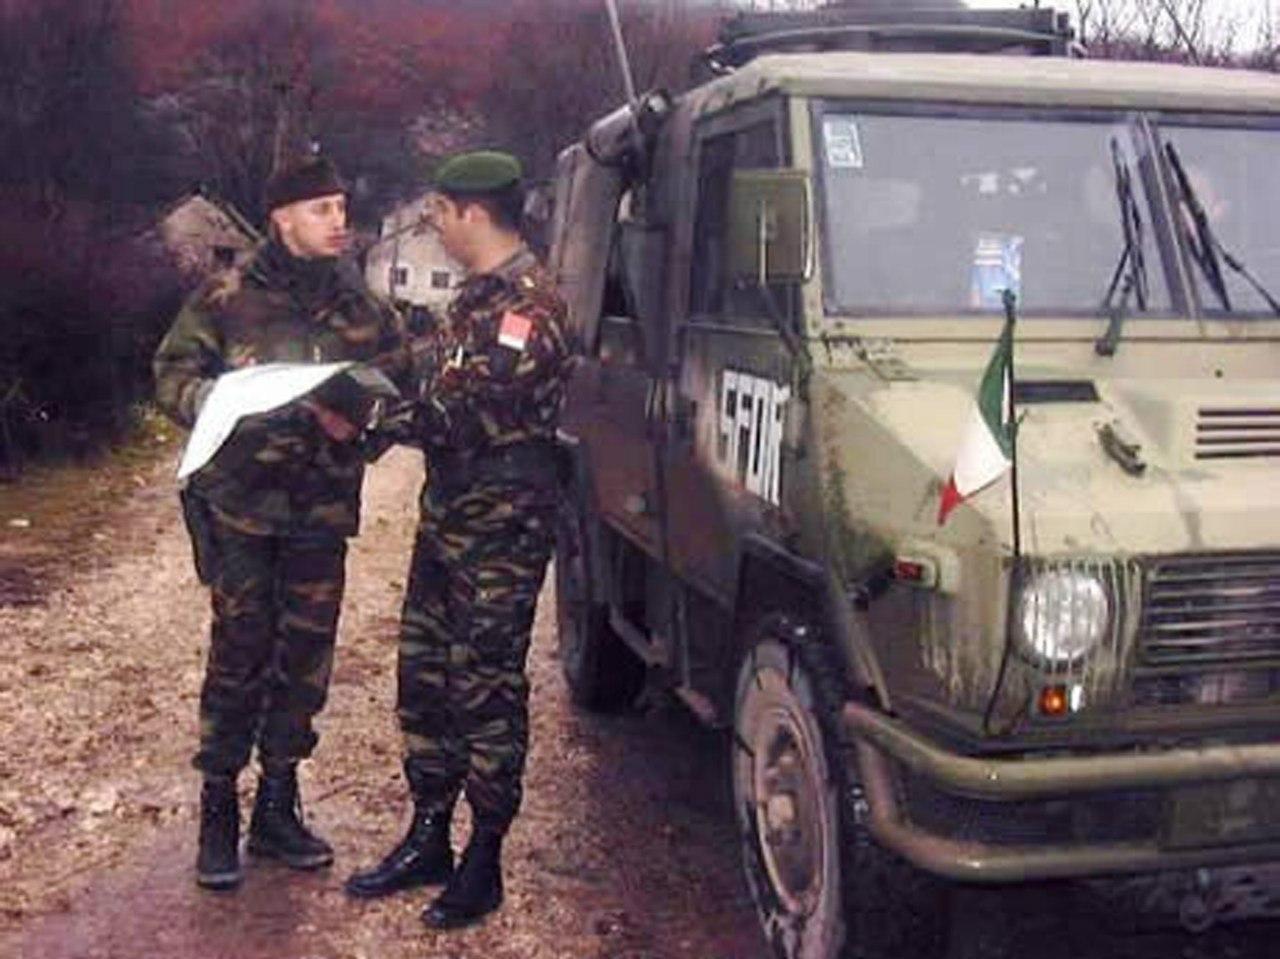 Photos de nos soldats et des Bases Marocaines - Page 2 X4OhrUOCZOM